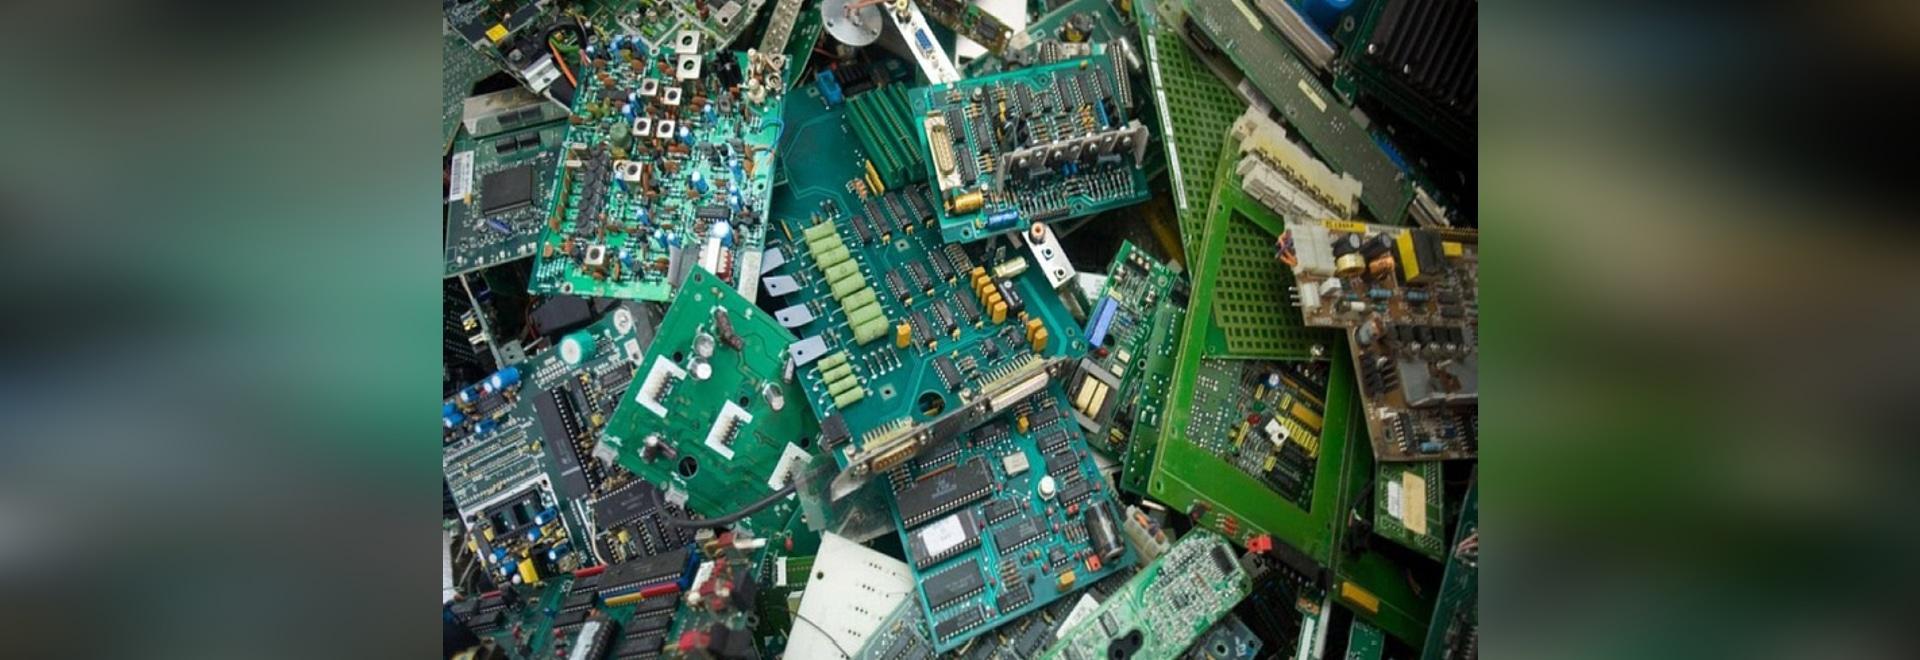 Basura de la electrónica (cortesía de Harmony Foundation)